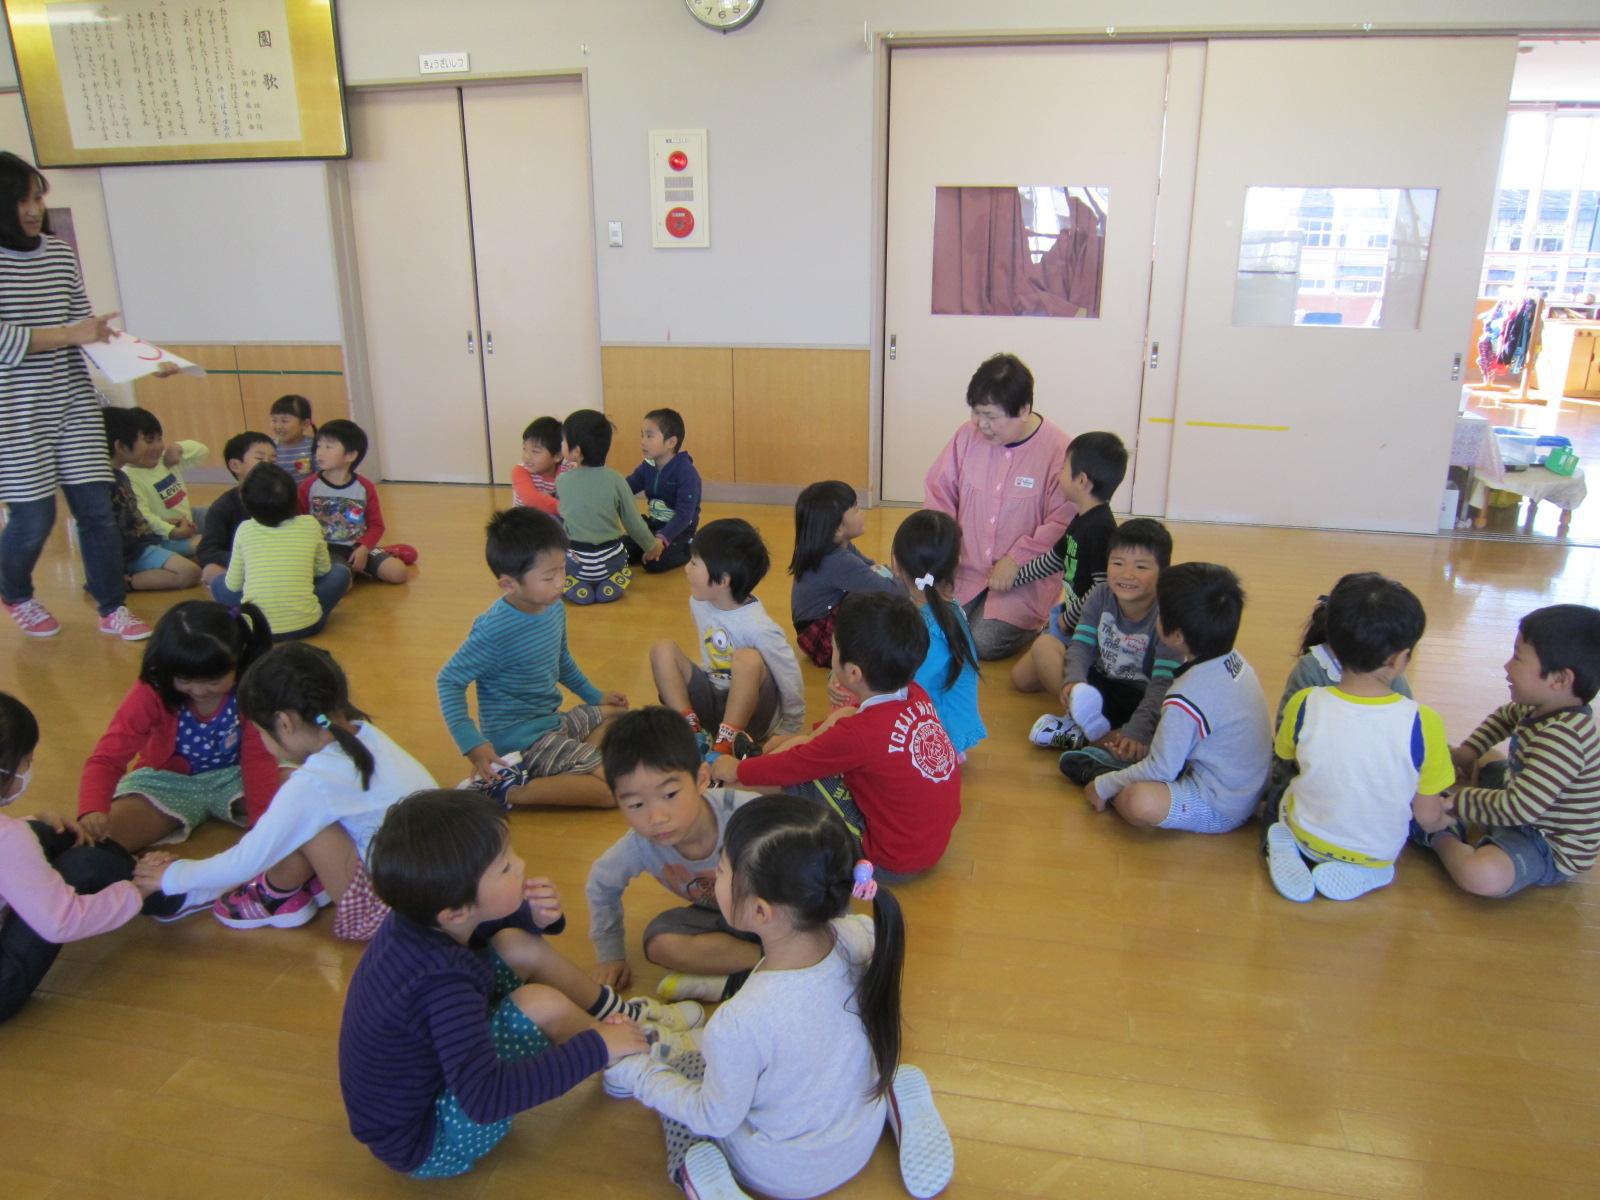 小合東幼稚園に行ってきました!_a0180348_18552586.jpg